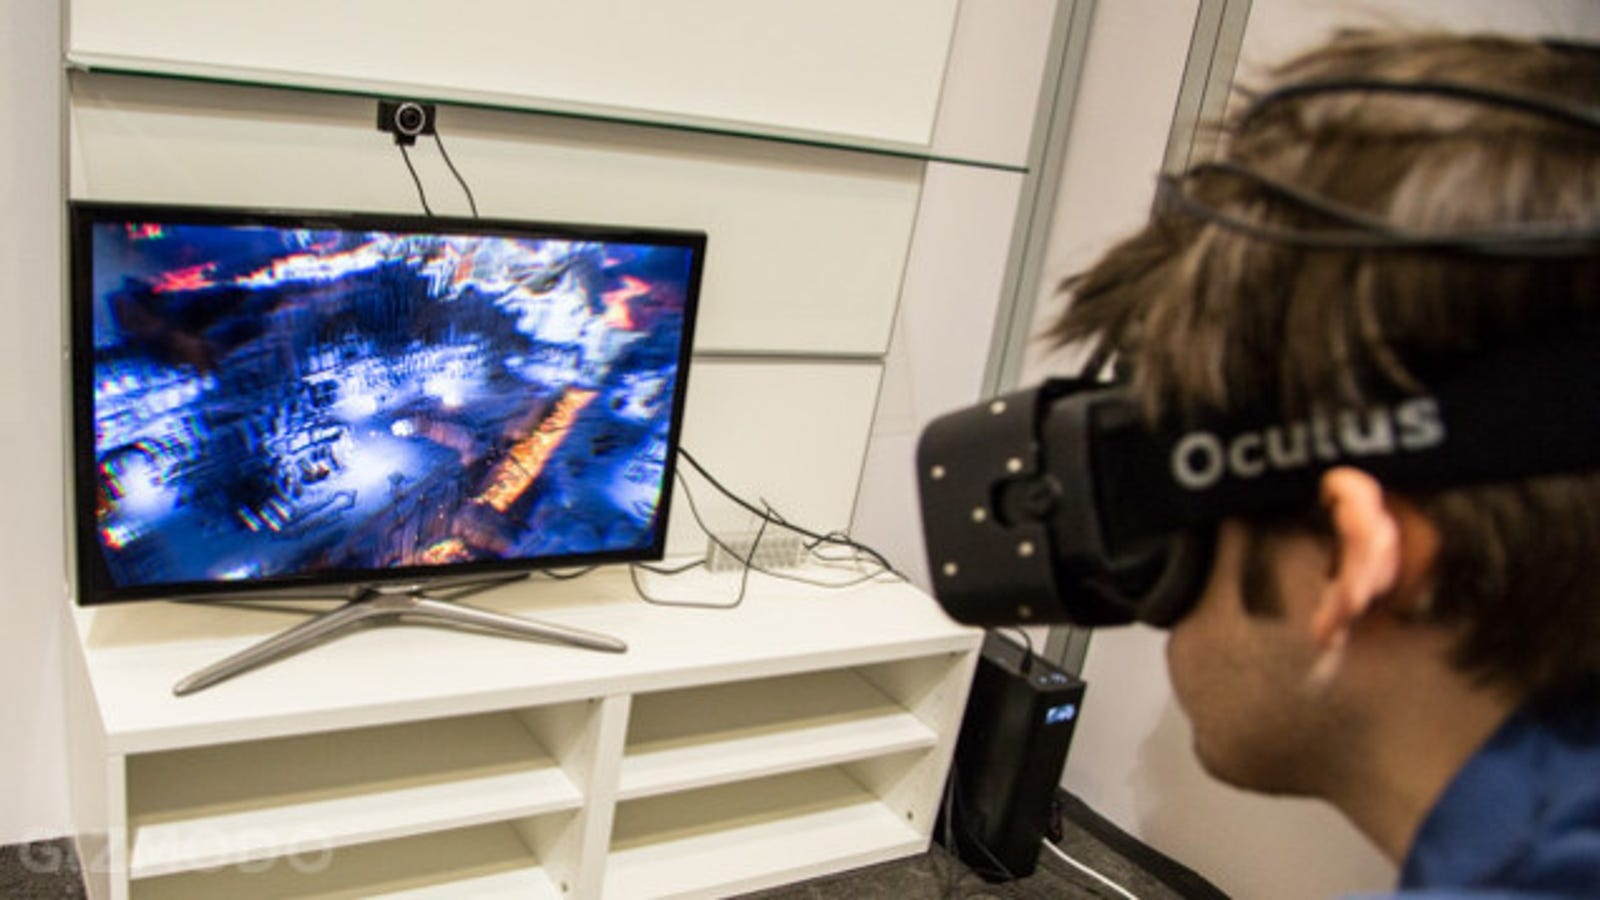 El nuevo Oculus Rift ya se puede reservar por 350 dólares